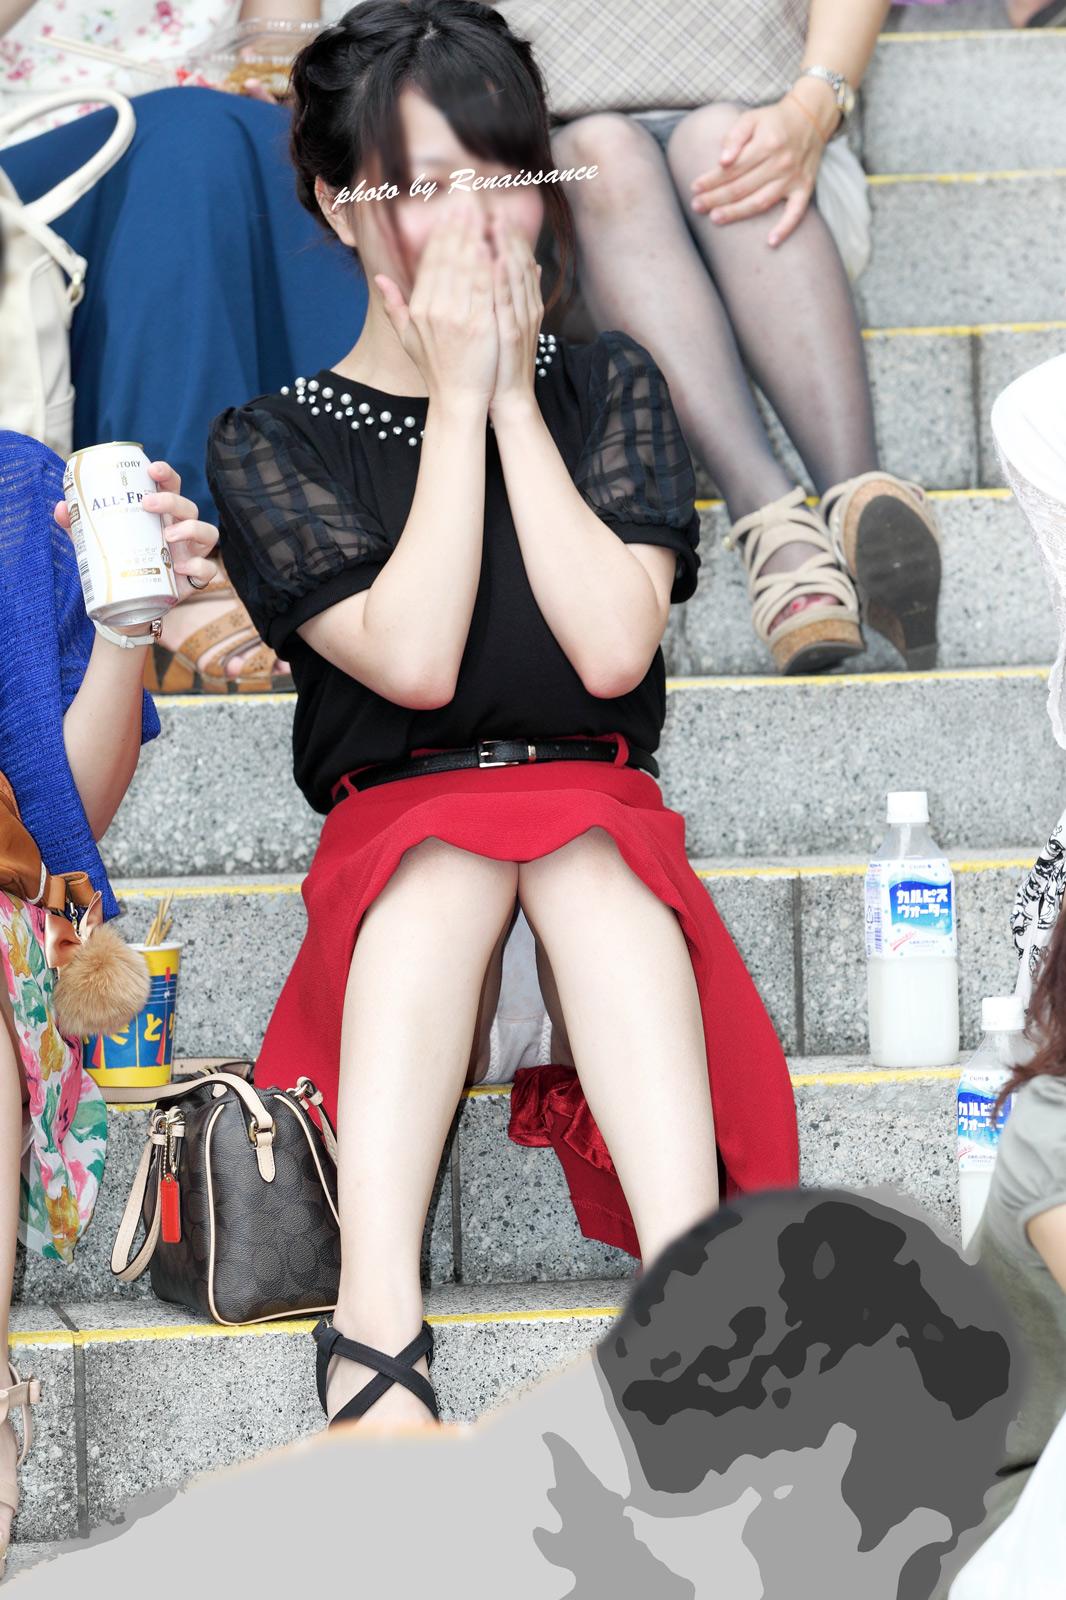 【パンチラエロ画像】大胆過ぎる座りパンチラ女子!股も開いてより見えやすい(*´д`*)